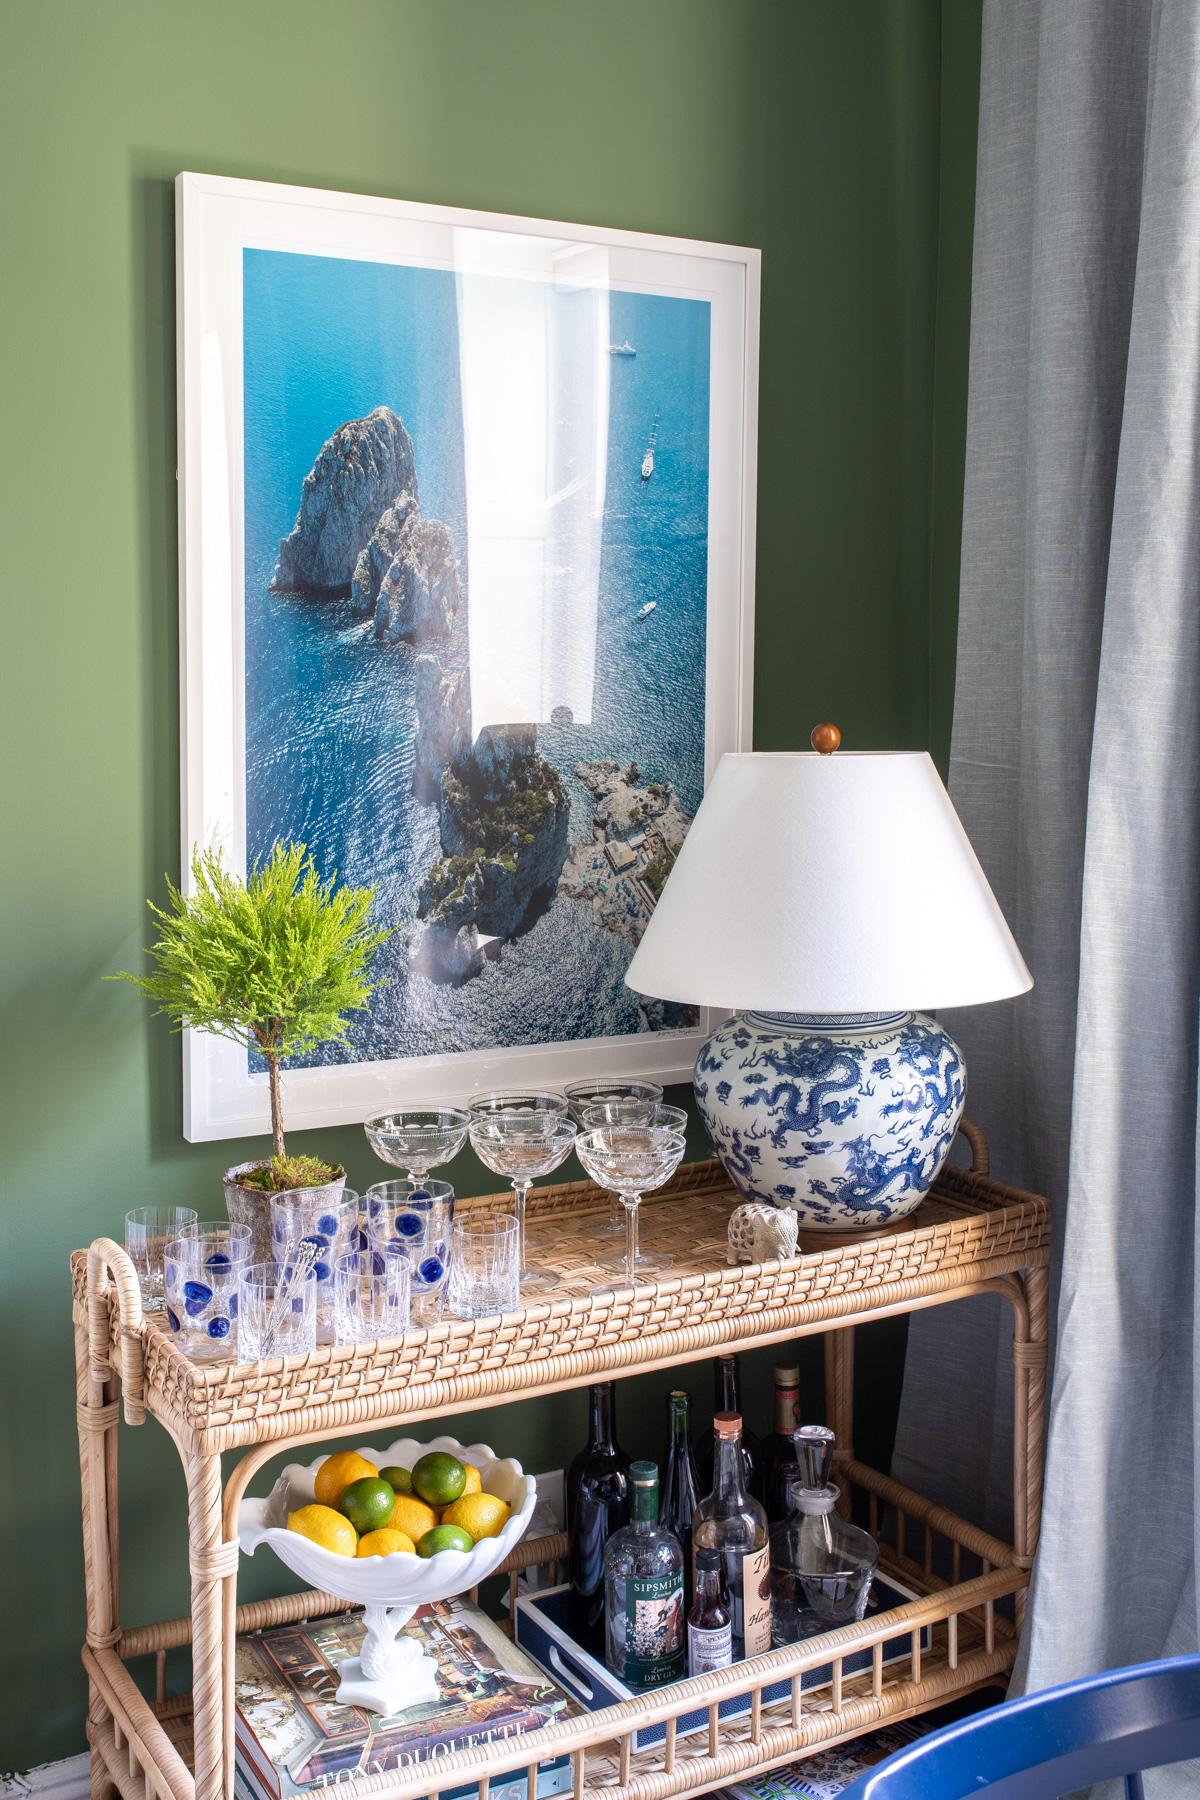 Stacie Flinner x NY Apartment Tour Living Room-9.jpg